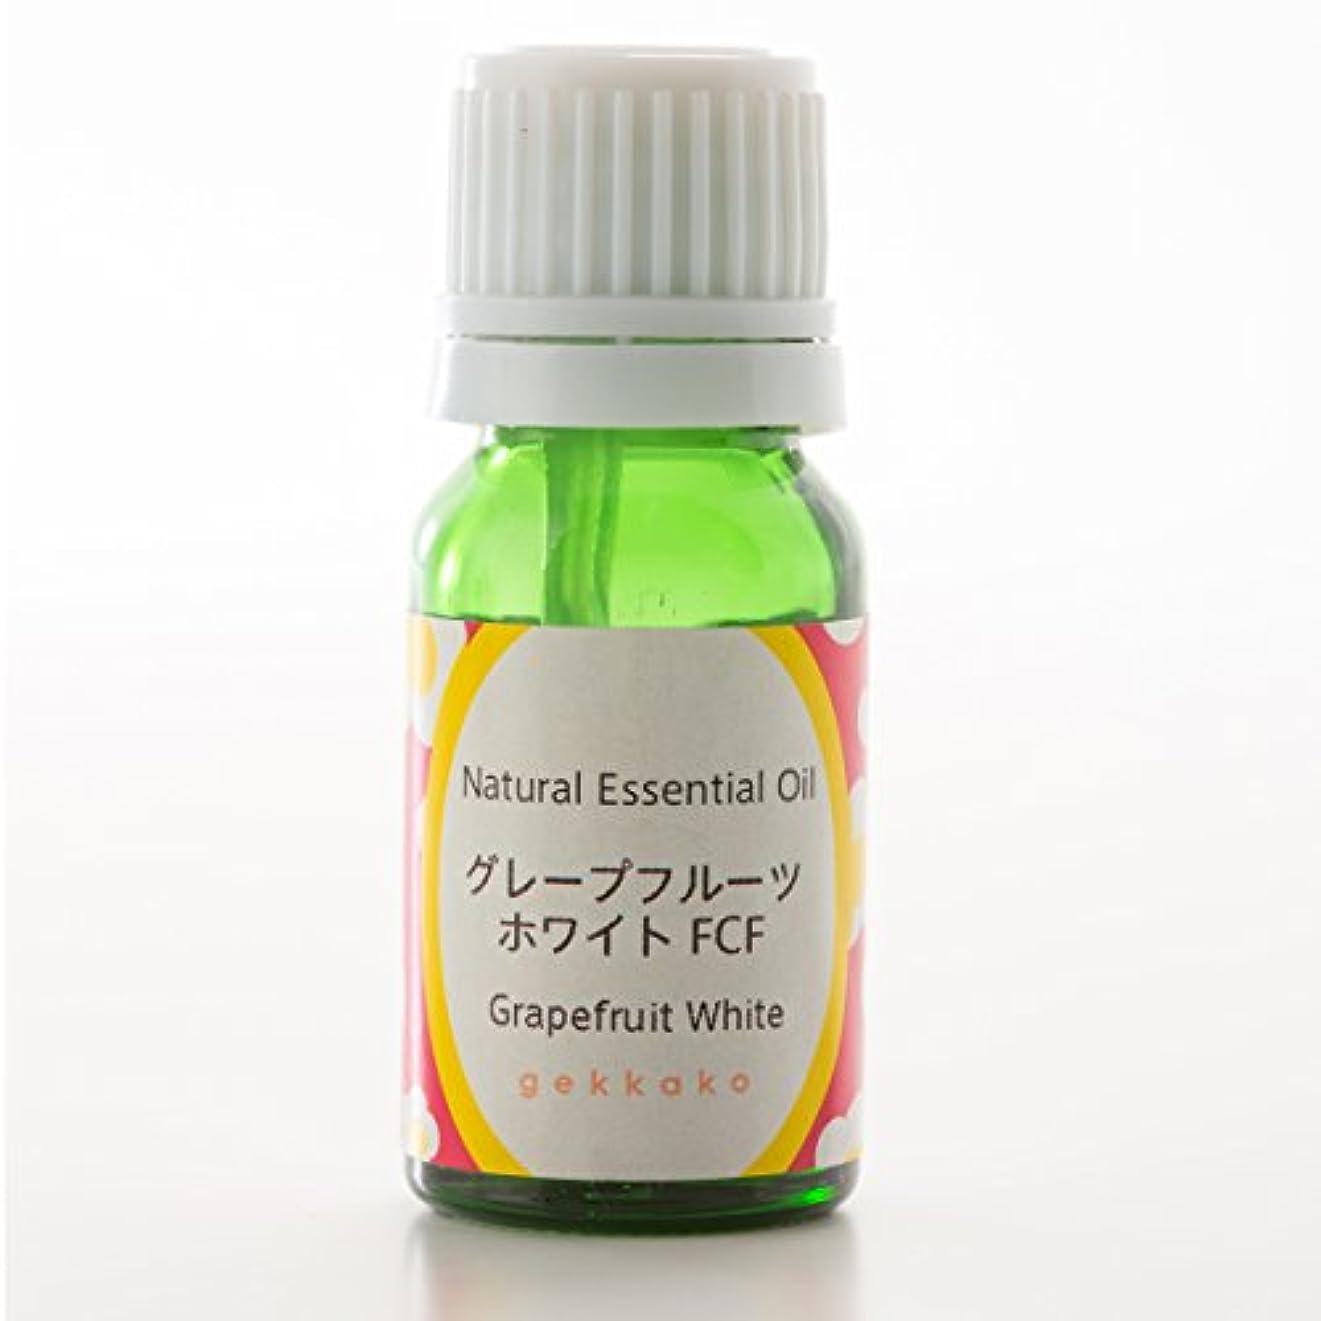 <月下香>エッセンシャルオイル/アロマ/グレープフルーツホワイトFCF【5ml】 (5ml)